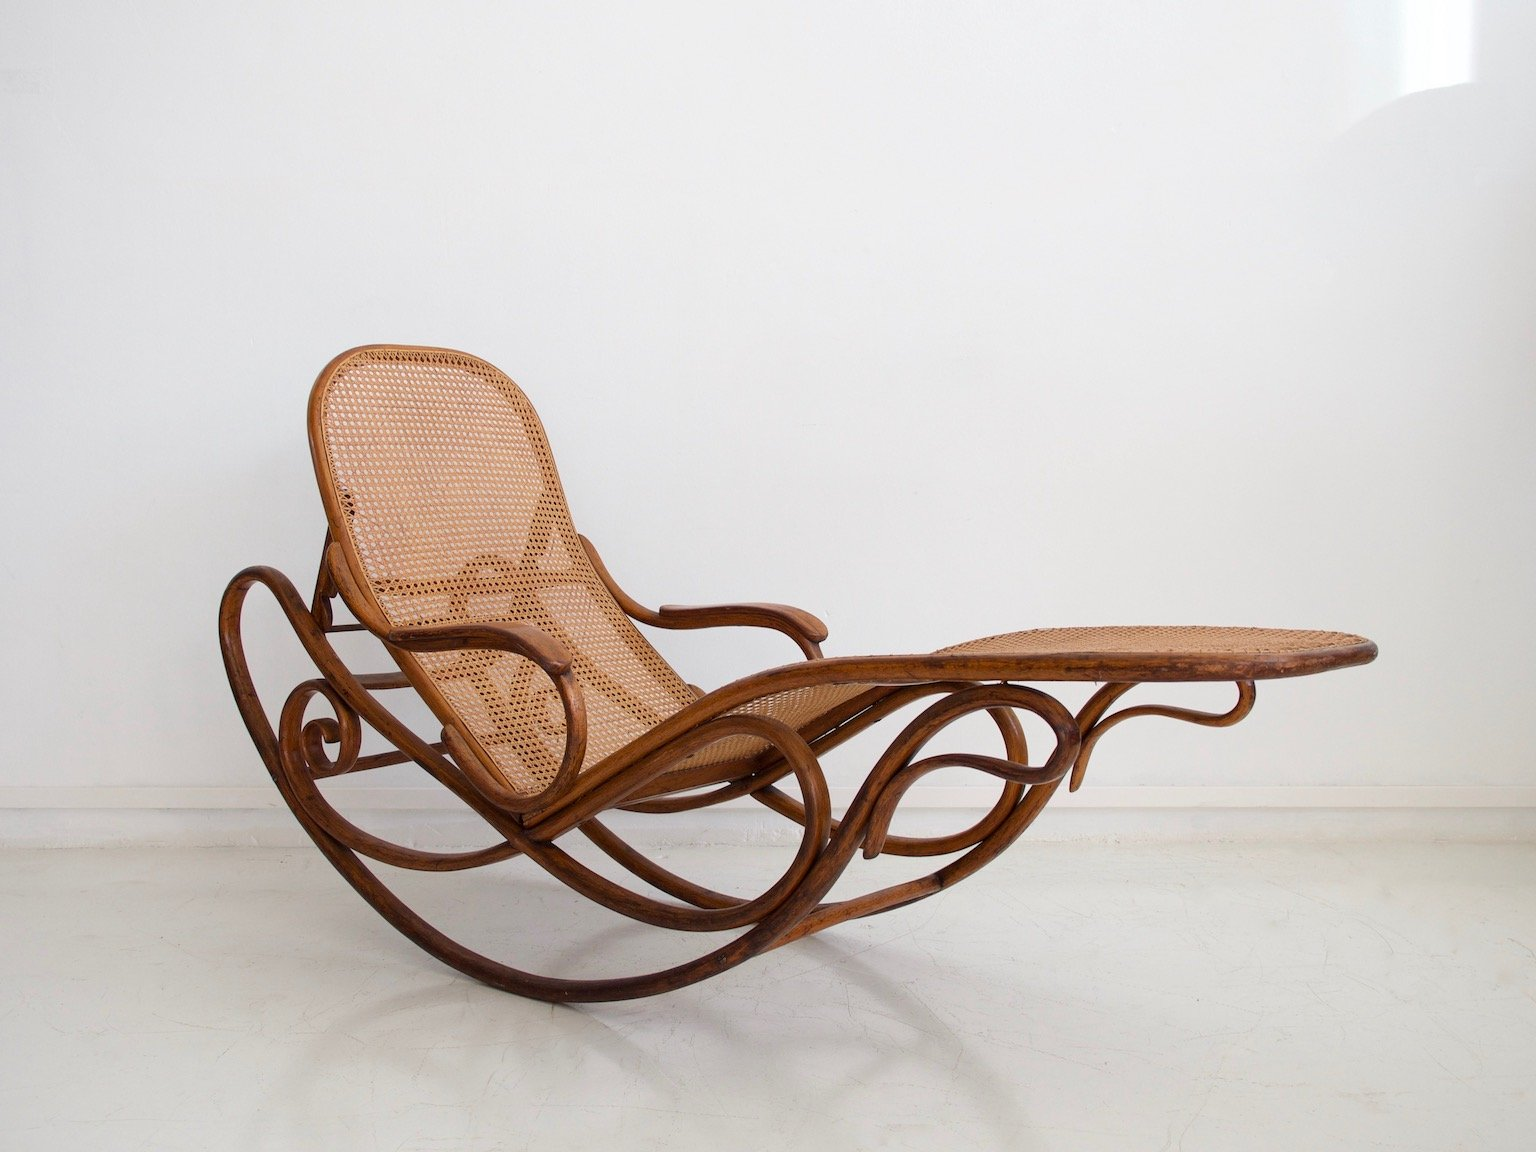 Sedia a dondolo modello 7500 antica di thonet in vendita su pamono - Sedia thonet originale ...